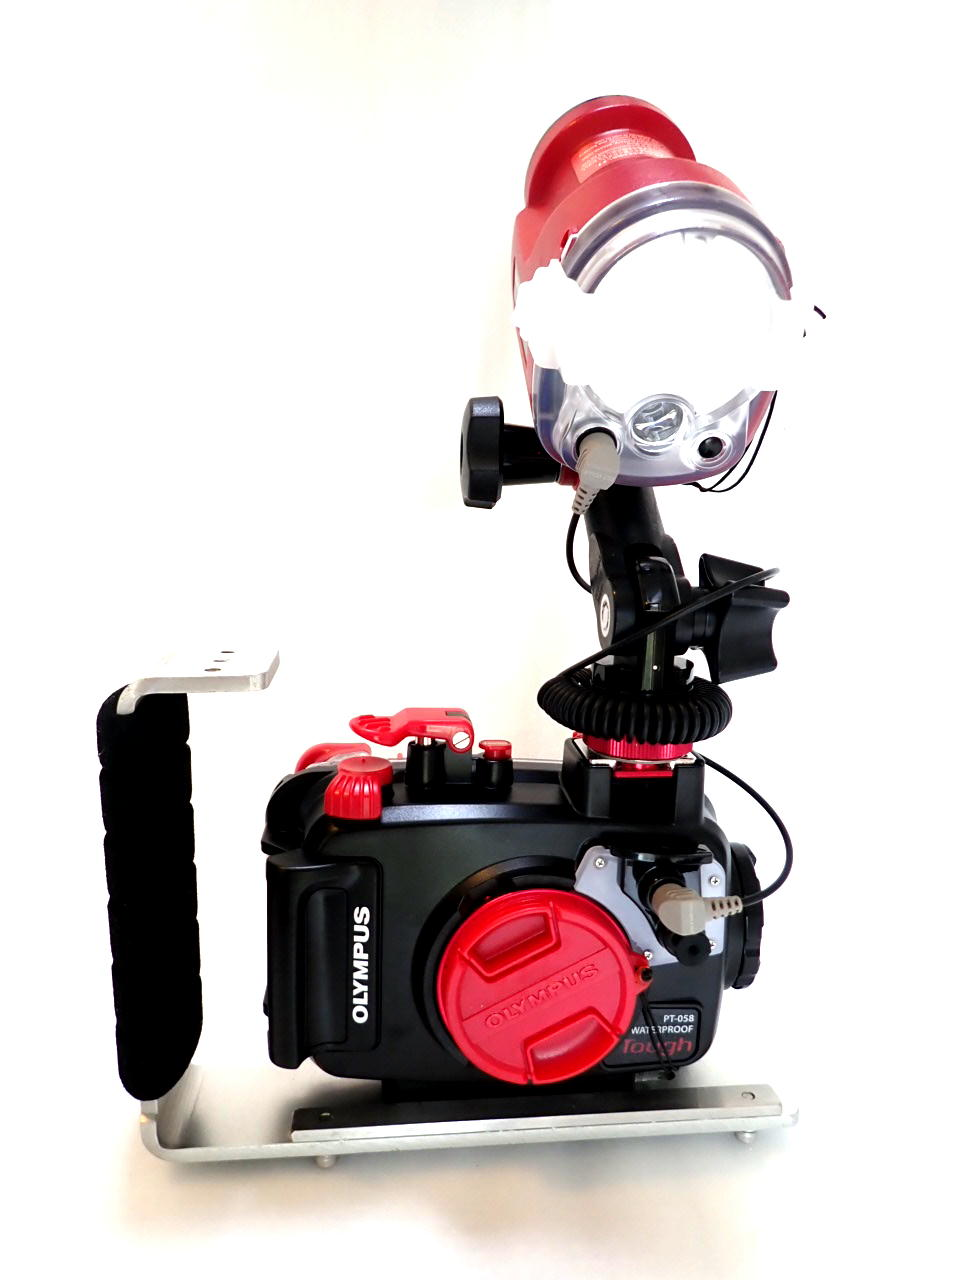 オリンパス TG-5 + PT-058(TG-5用防水プロテクター) + MPBK-03(バランスウエイト兼ねた片手グリップ)+ UFL-3フラッシュ(1灯)